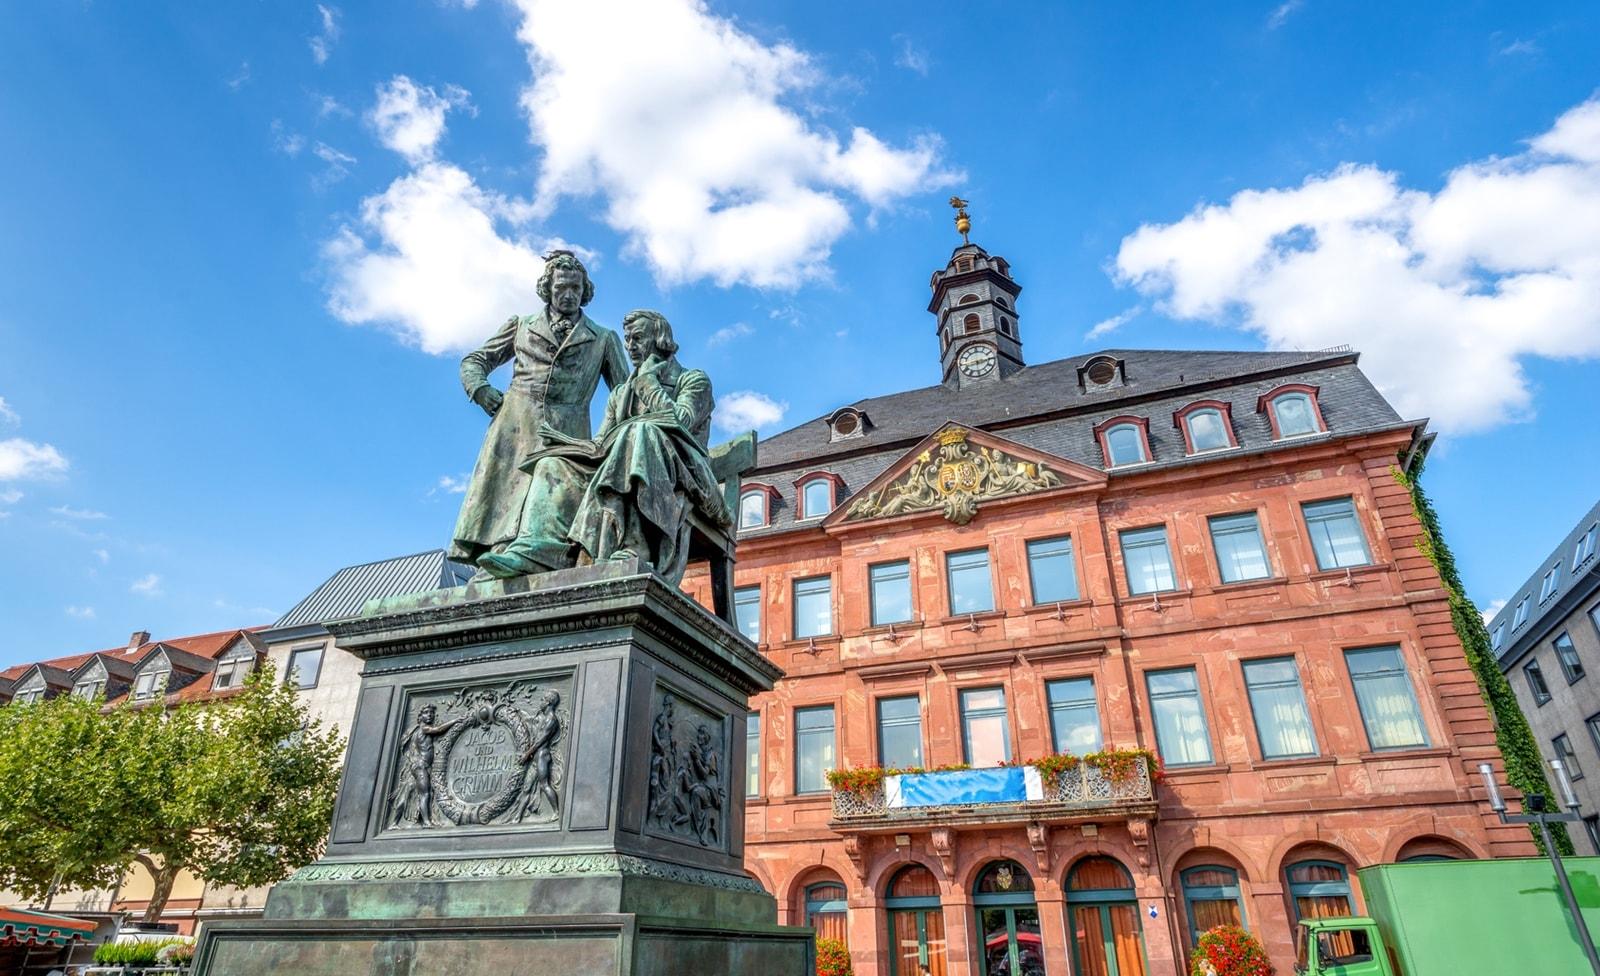 Gebrüder Grimm Denkmal in Hanau